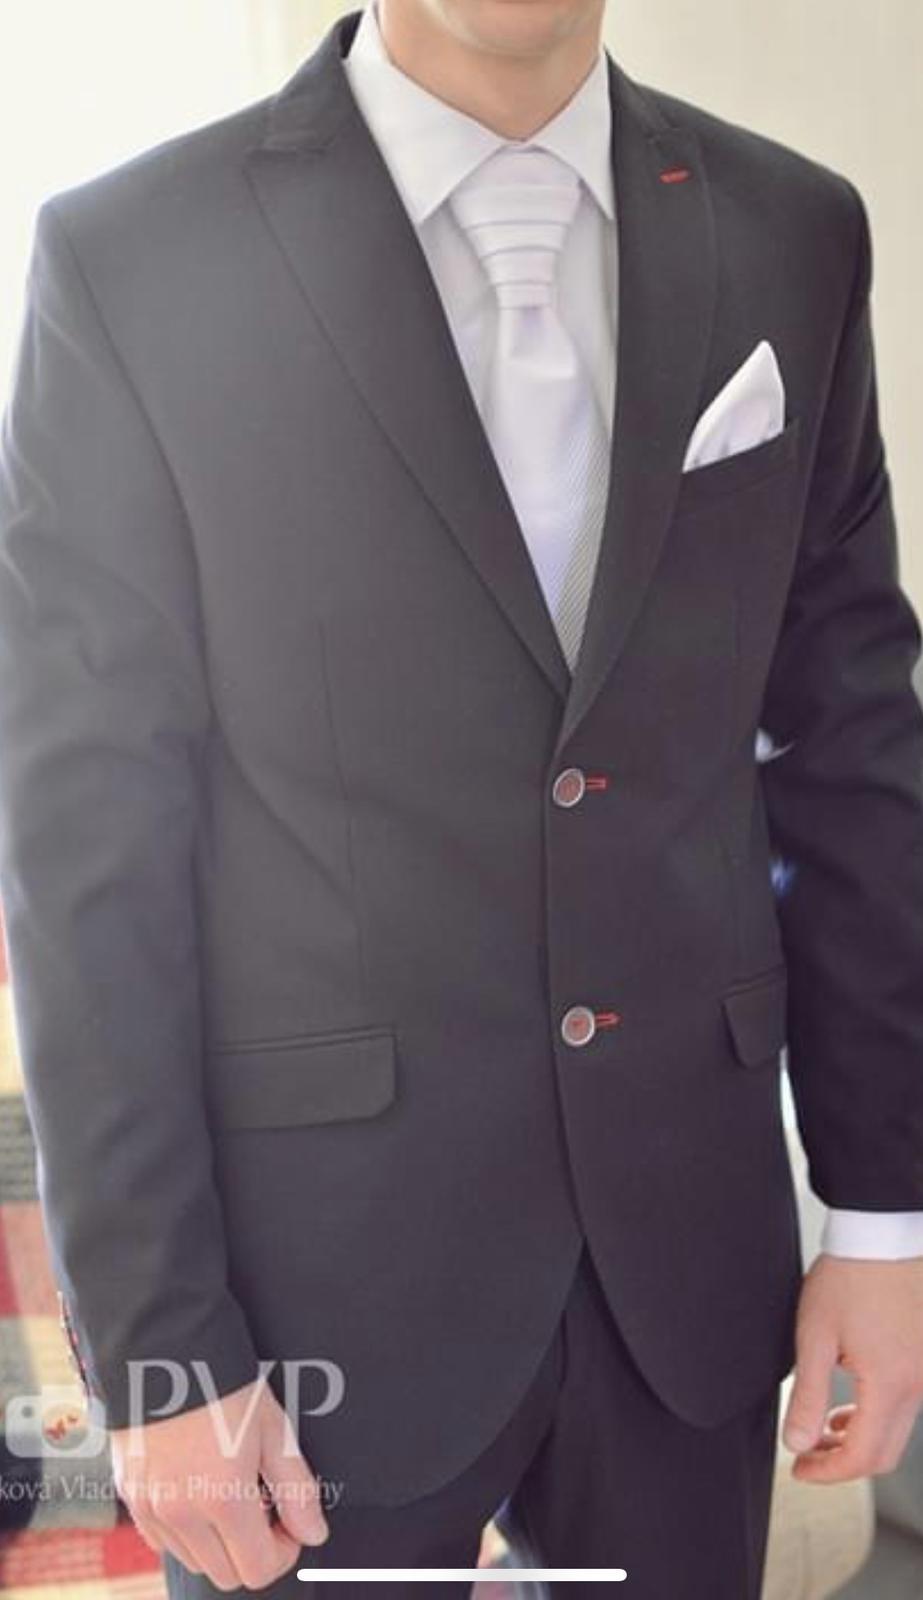 Svadobny oblek  - Obrázok č. 1